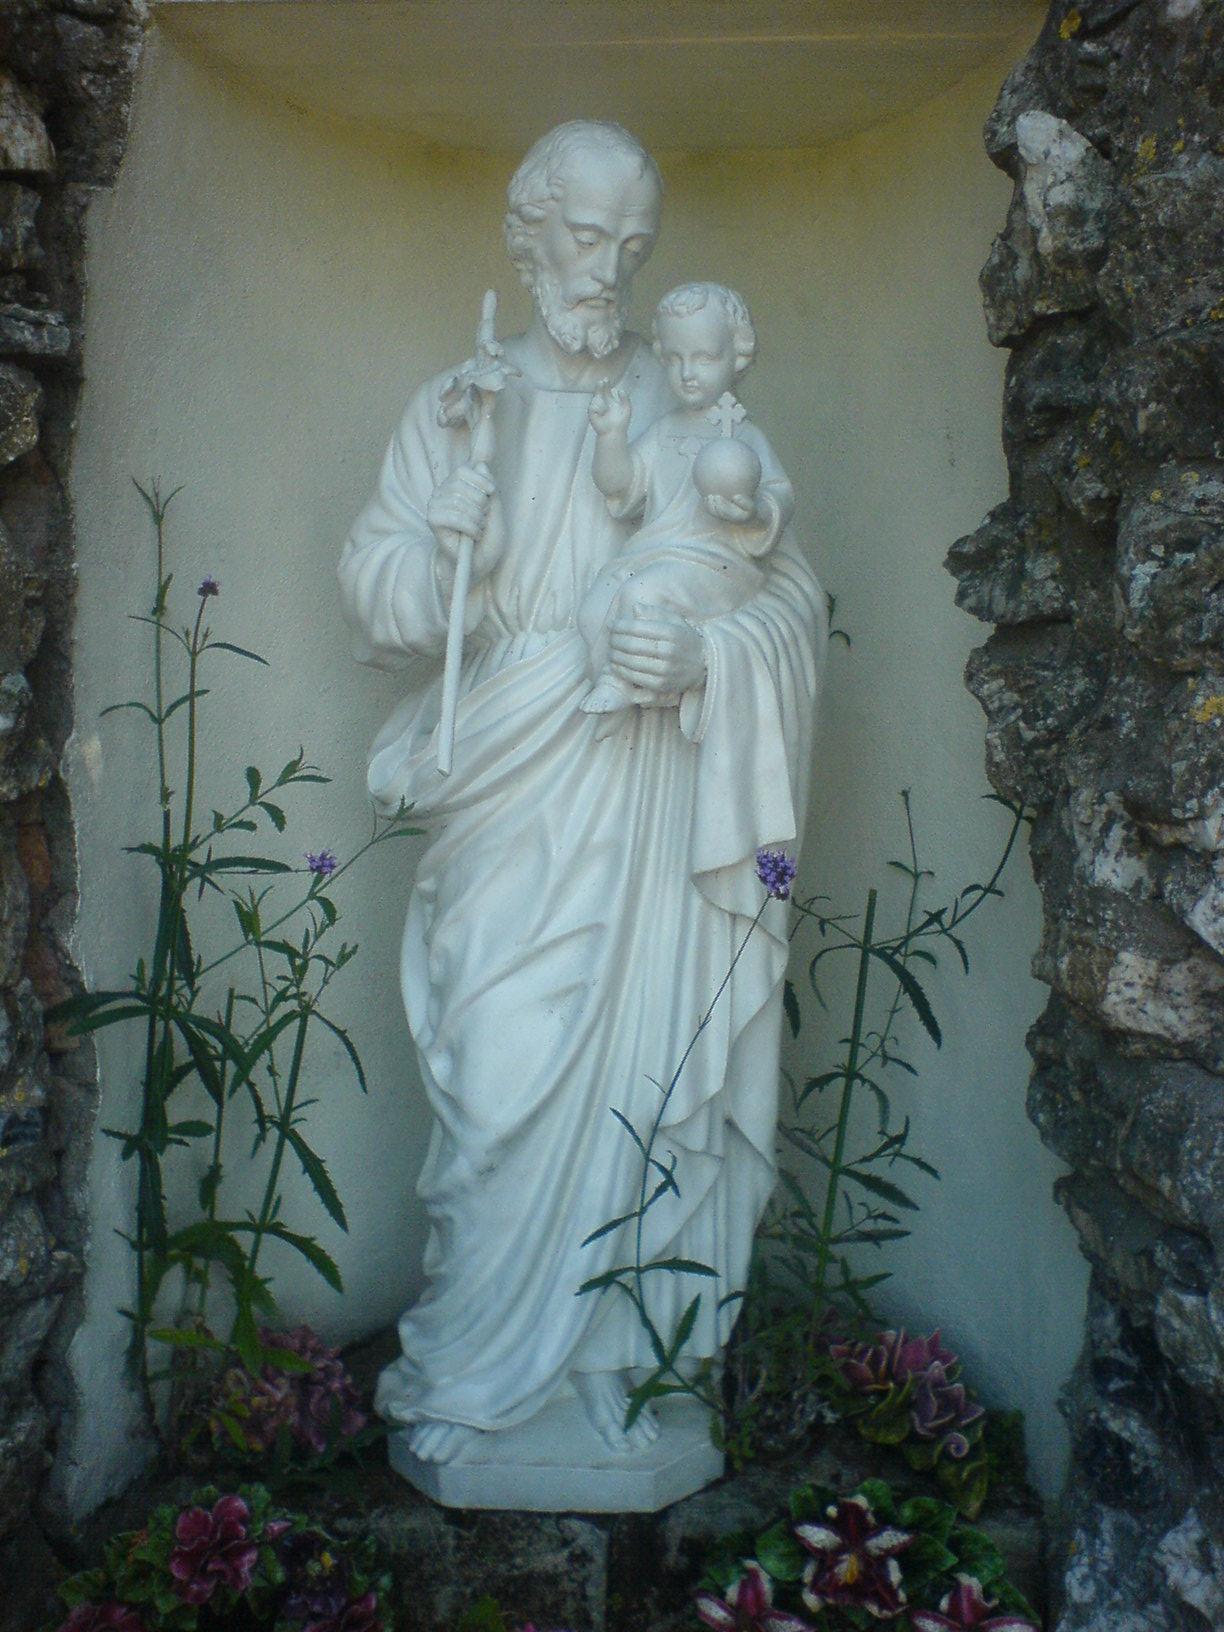 Saint Joseph et l'enfant Jésus - cimetière de Saint Sigismond (49)